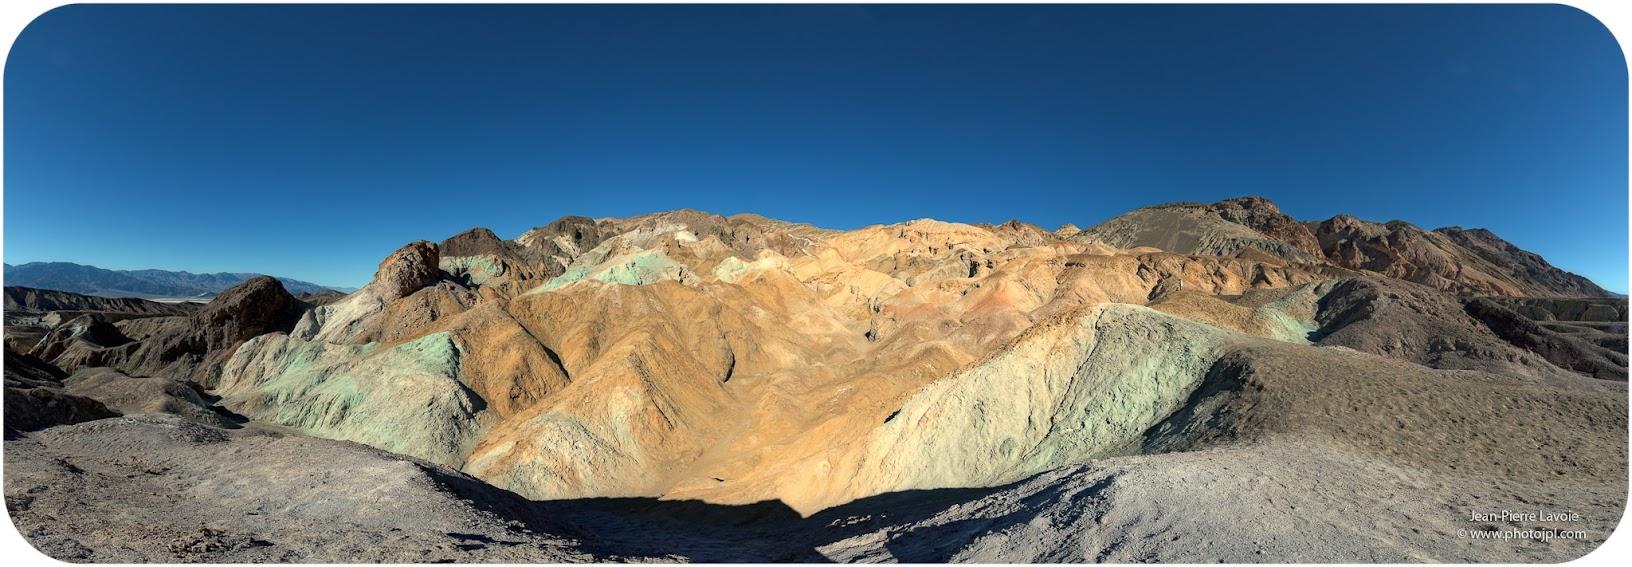 Artist Palette at Death Valley